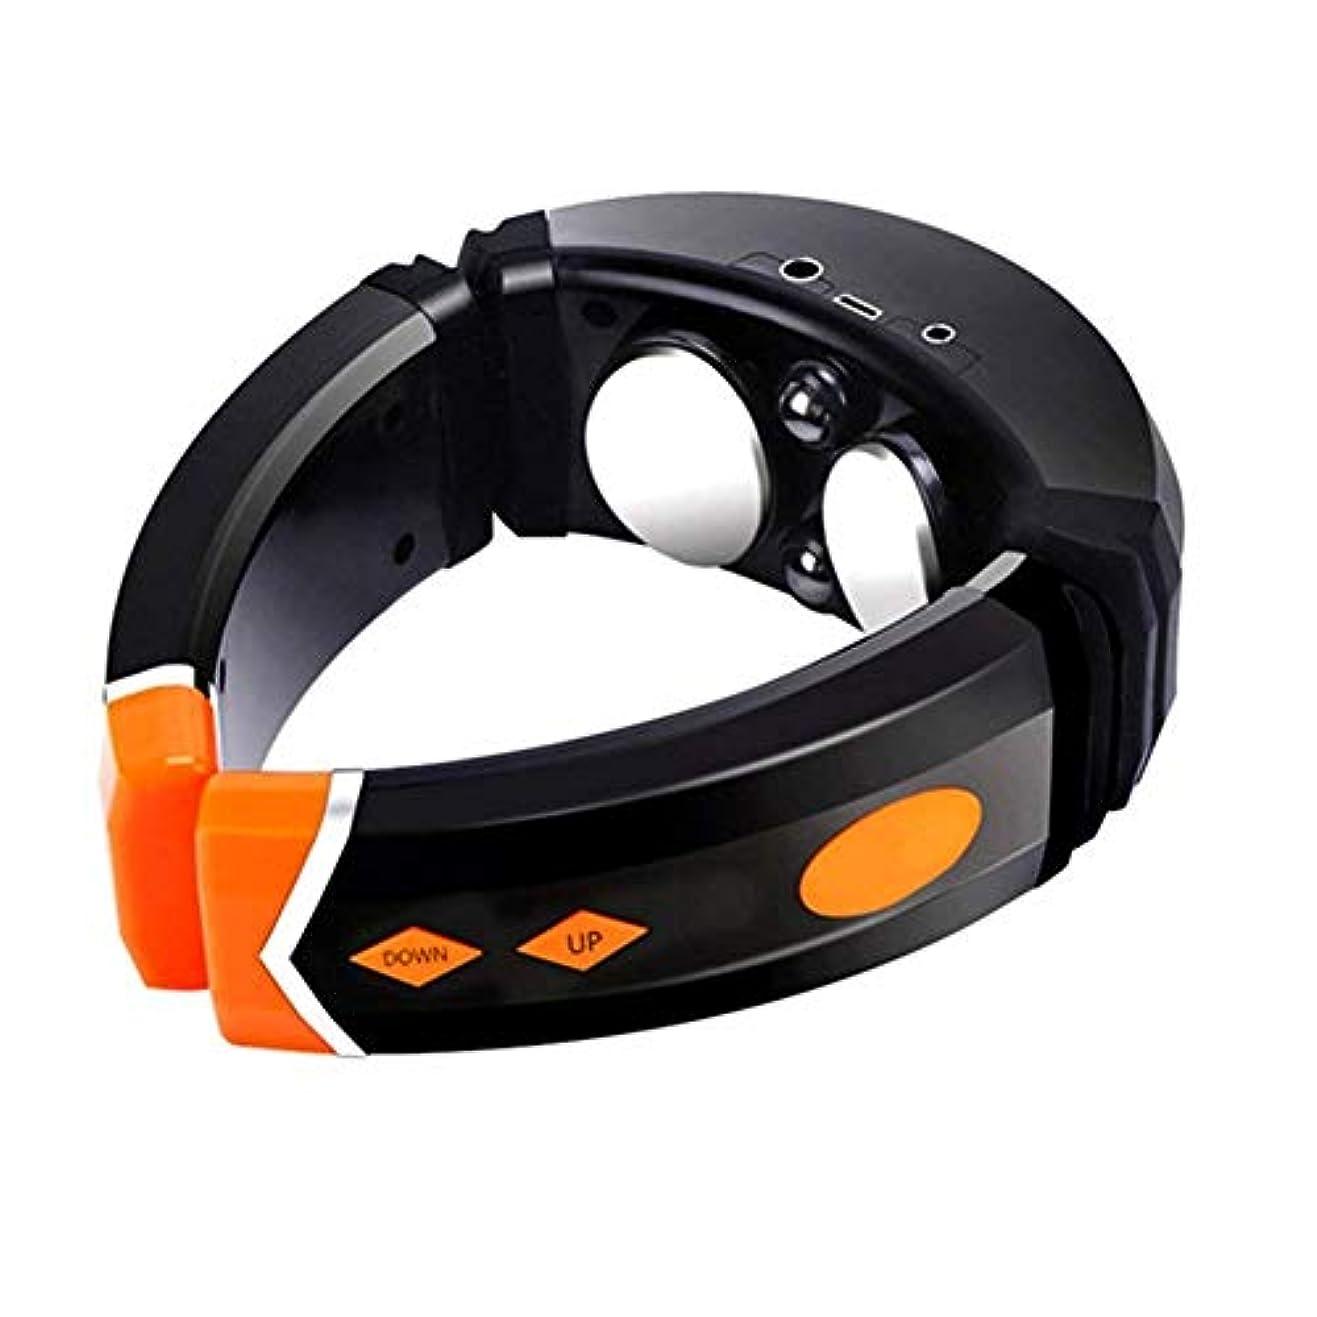 教えて振り返るについて首のマッサージャー - 多機能 - インテリジェント暖房 - マルチ周波数振動 - マッサージ/レッグ/ウエスト/フット - 筋肉痛の軽減